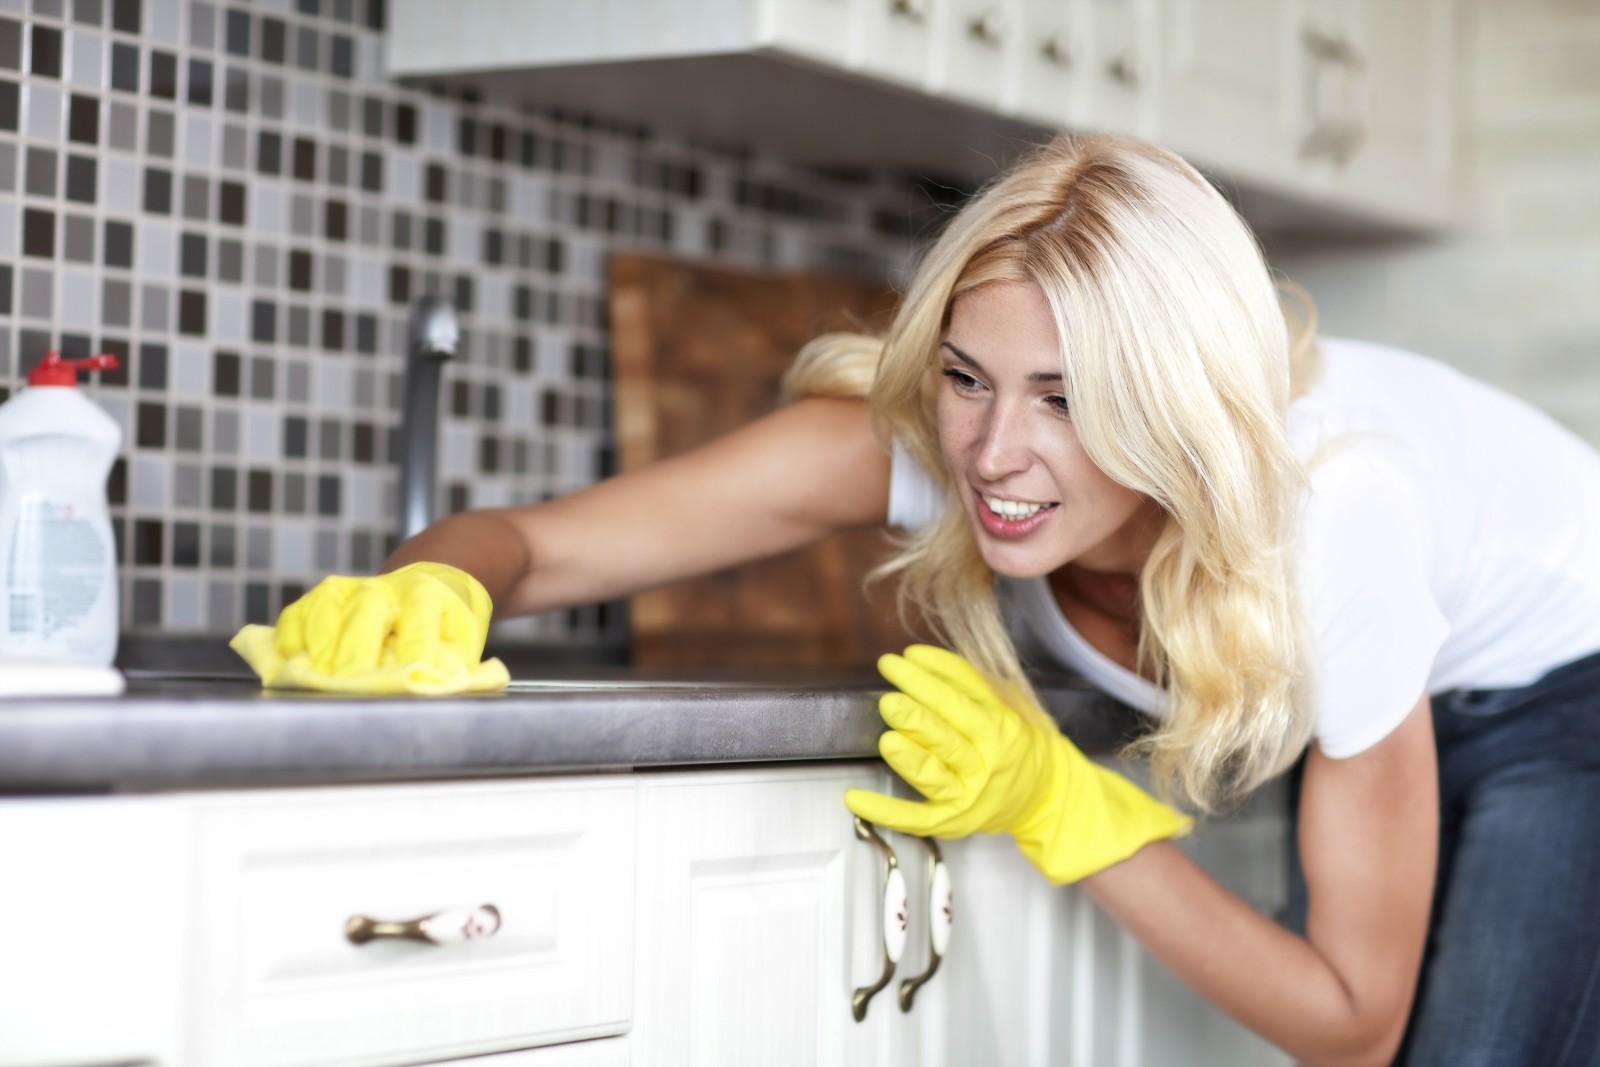 9 fehler die jeder beim putzen macht und wie du es besser machen kannst putz tipps. Black Bedroom Furniture Sets. Home Design Ideas